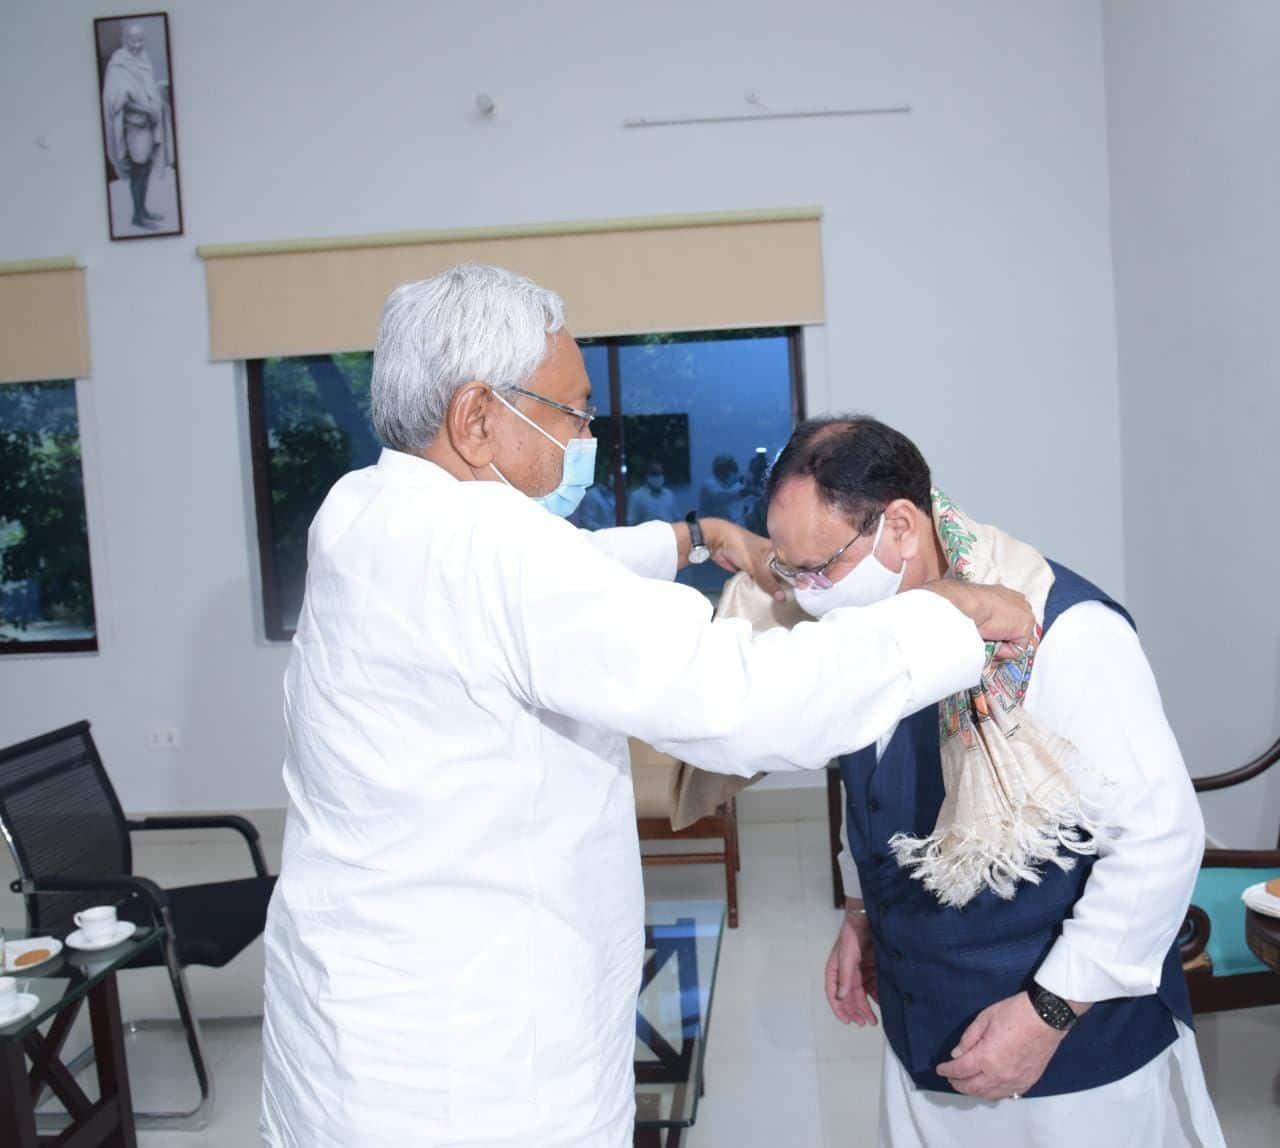 दो दिवसीय बिहार दौरे पर सीएस नीतीश कुमार से मुख्यमंत्री आवास पर मिलते बीजेपी अध्यक्ष जे पी नड्डा. मुख्यमंत्री ने अंग वस्त्रम् पहना कर स्वागत किया.